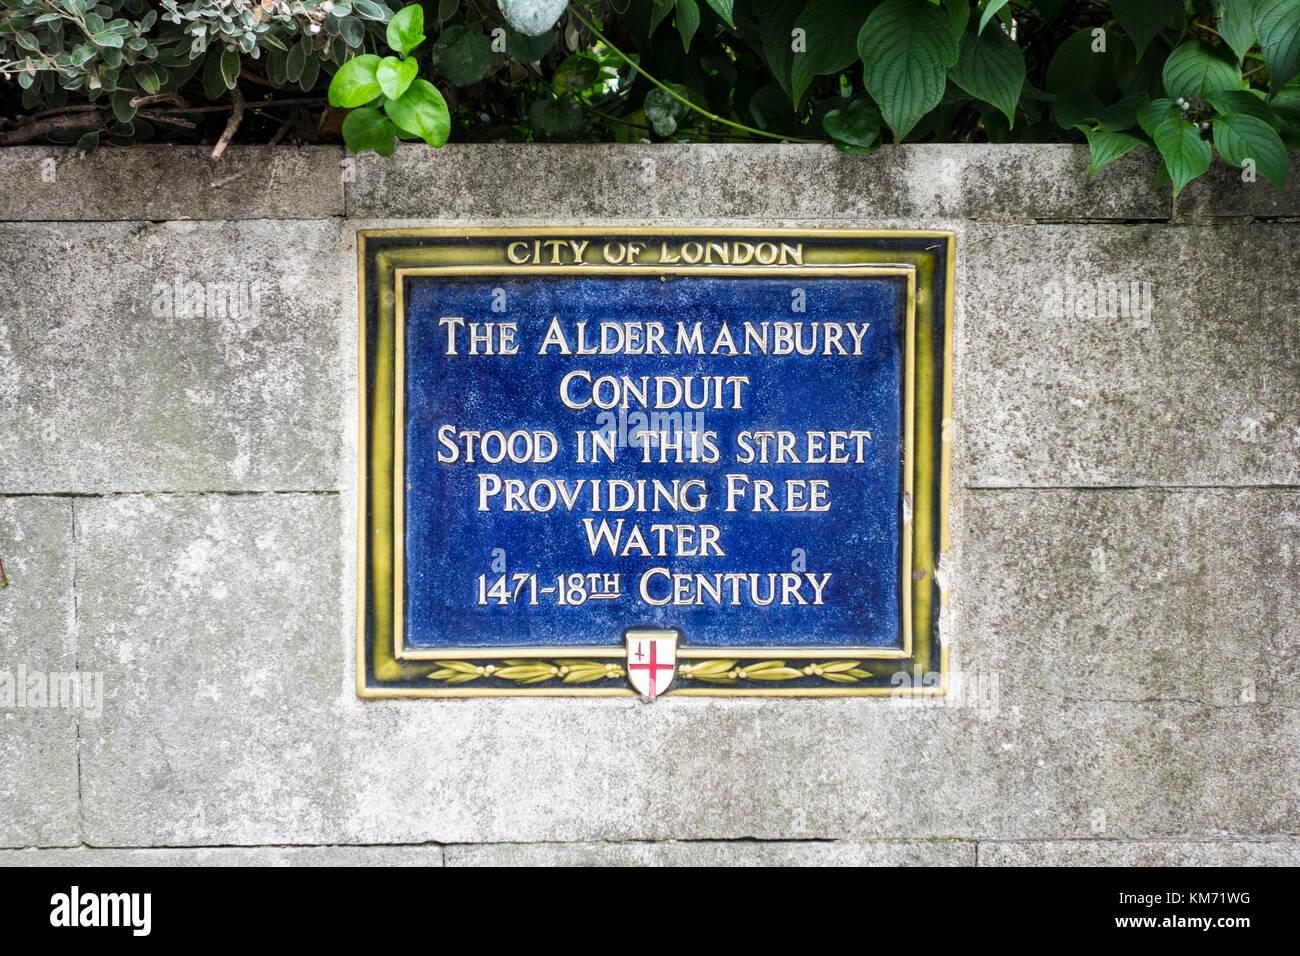 Blue plaque, The Aldermanbury Conduit site, City of London, UK - Stock Image